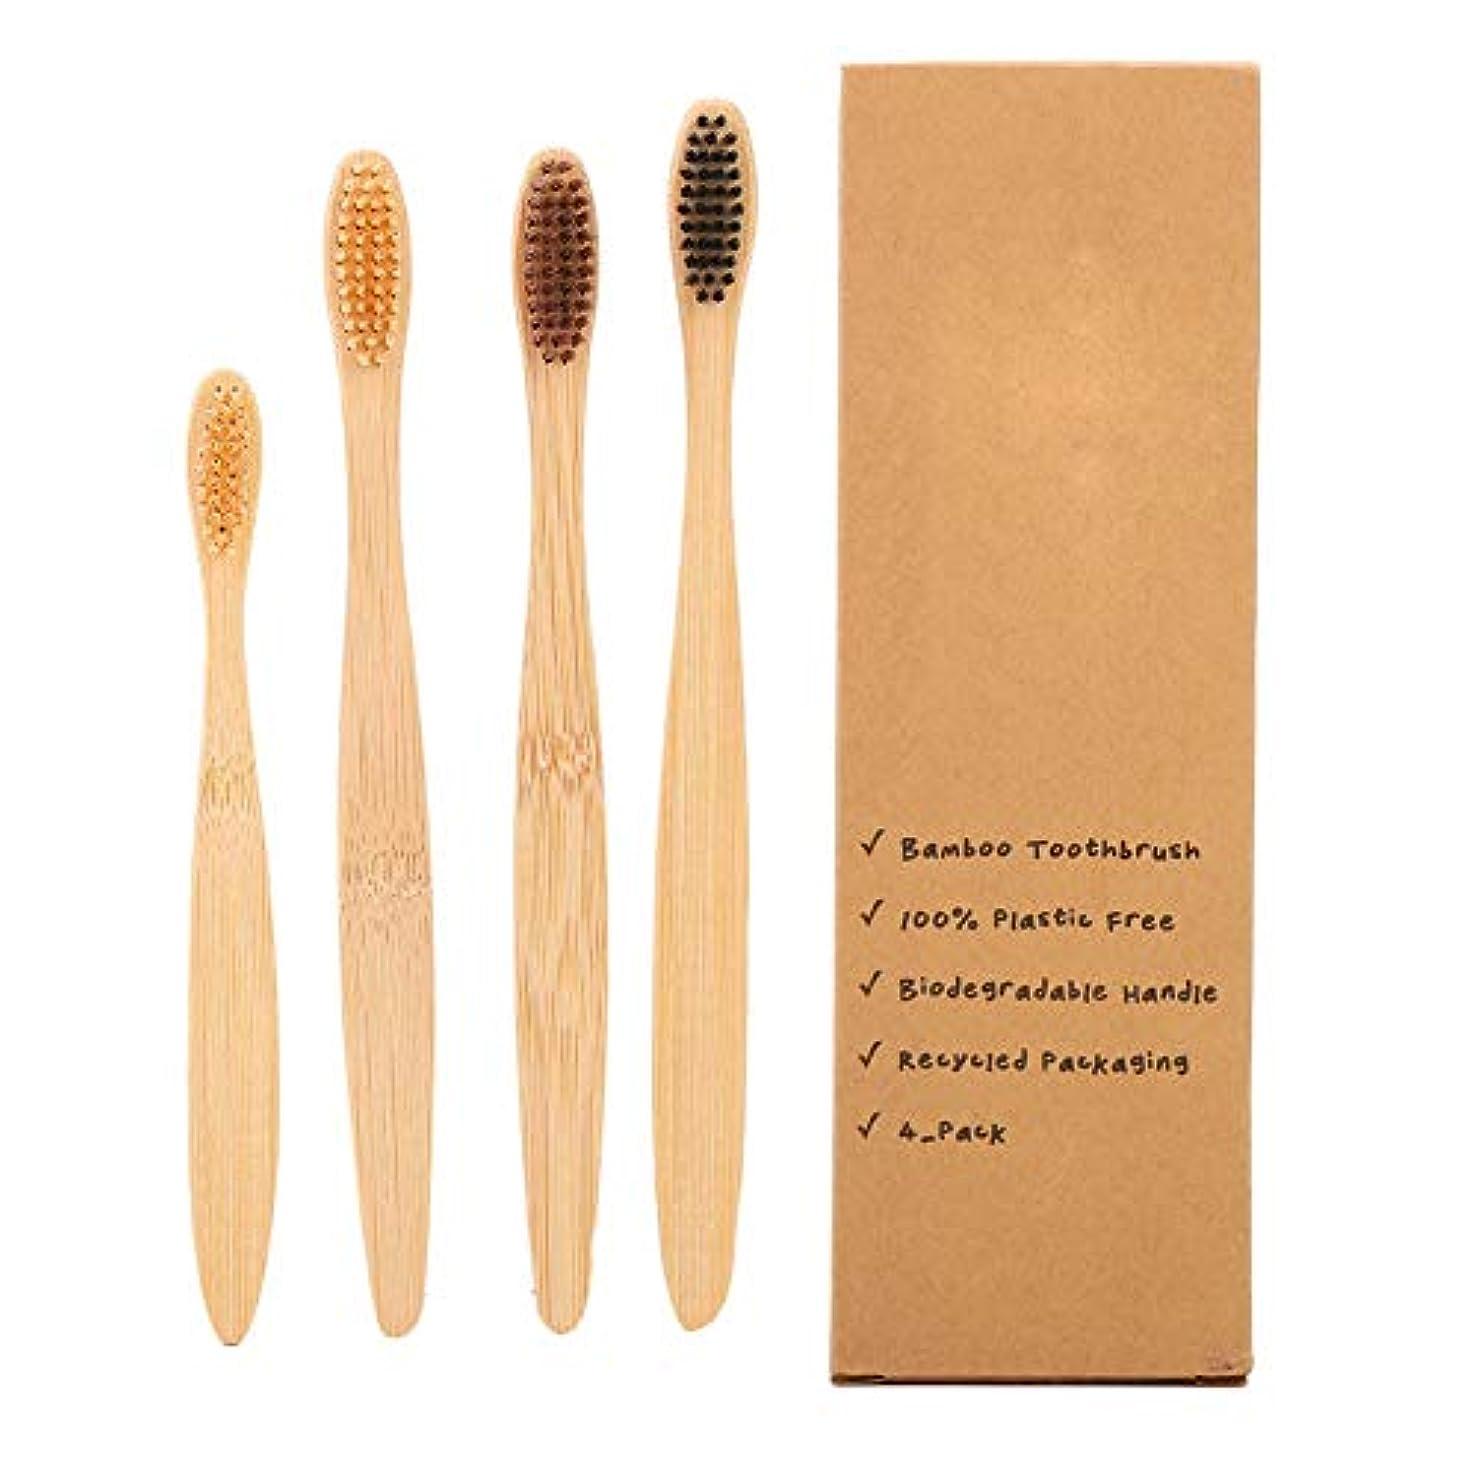 引数相談する付ける柔らかい歯ブラシ、4本の柔らかい毛の木の歯ブラシディープクリーニング環境に優しい歯ブラシ歯ケアツール